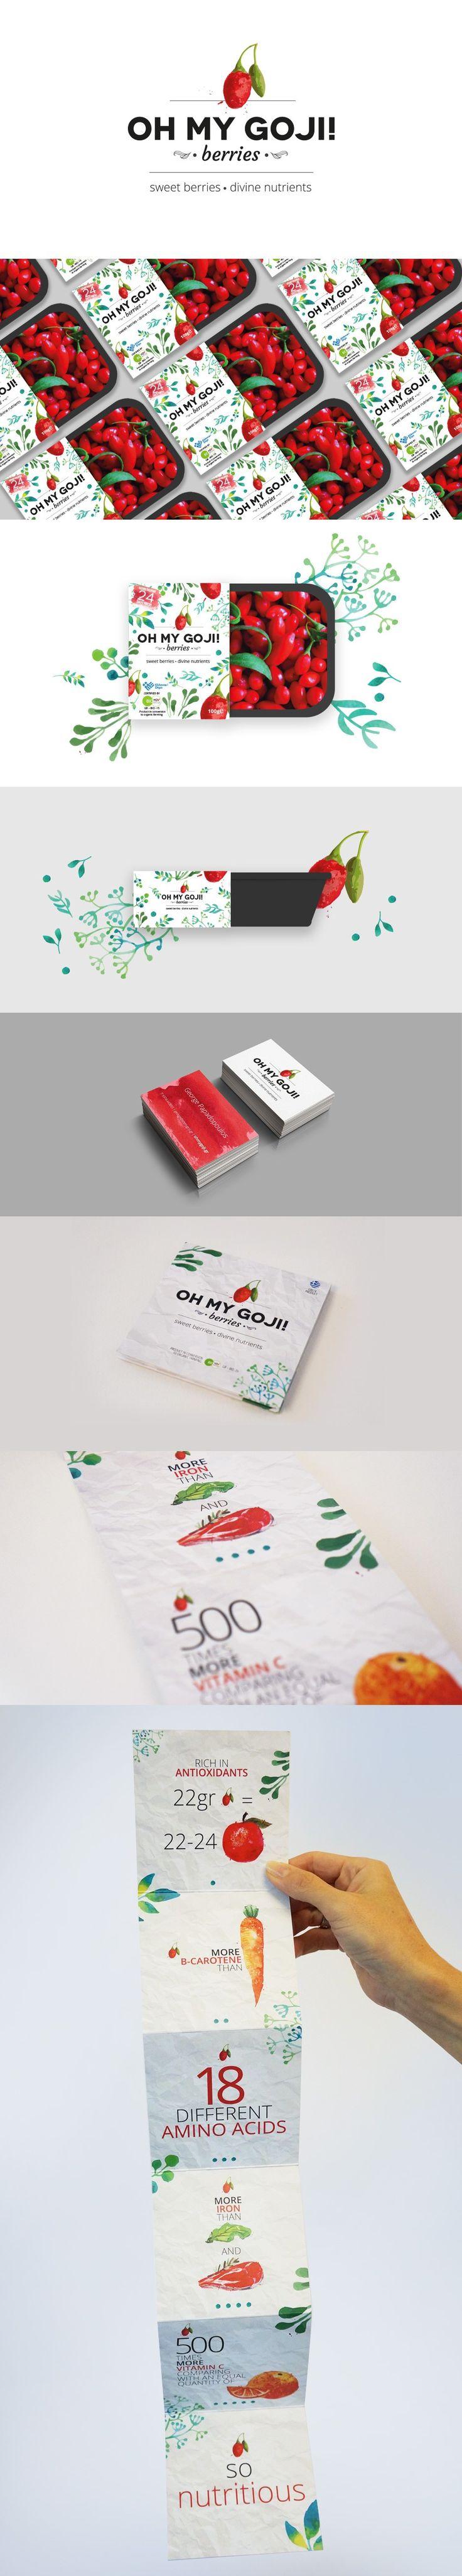 Δημιουργήσαμε για μια εταιρία παραγωγής, διάθεσης και εξαγωγής goji berries τη συνολική εικόνα της οπτικής του επικοινωνίας. Σκεφτήκαμε το όνομα του προϊόντος, σχεδιάσαμε το λογότυπο, τη συσκευασία, την εταιρική ταυτότητα και τα διαφημιστικά έντυπα. Brand naming, logo design, packaging design, art direction:Media designers